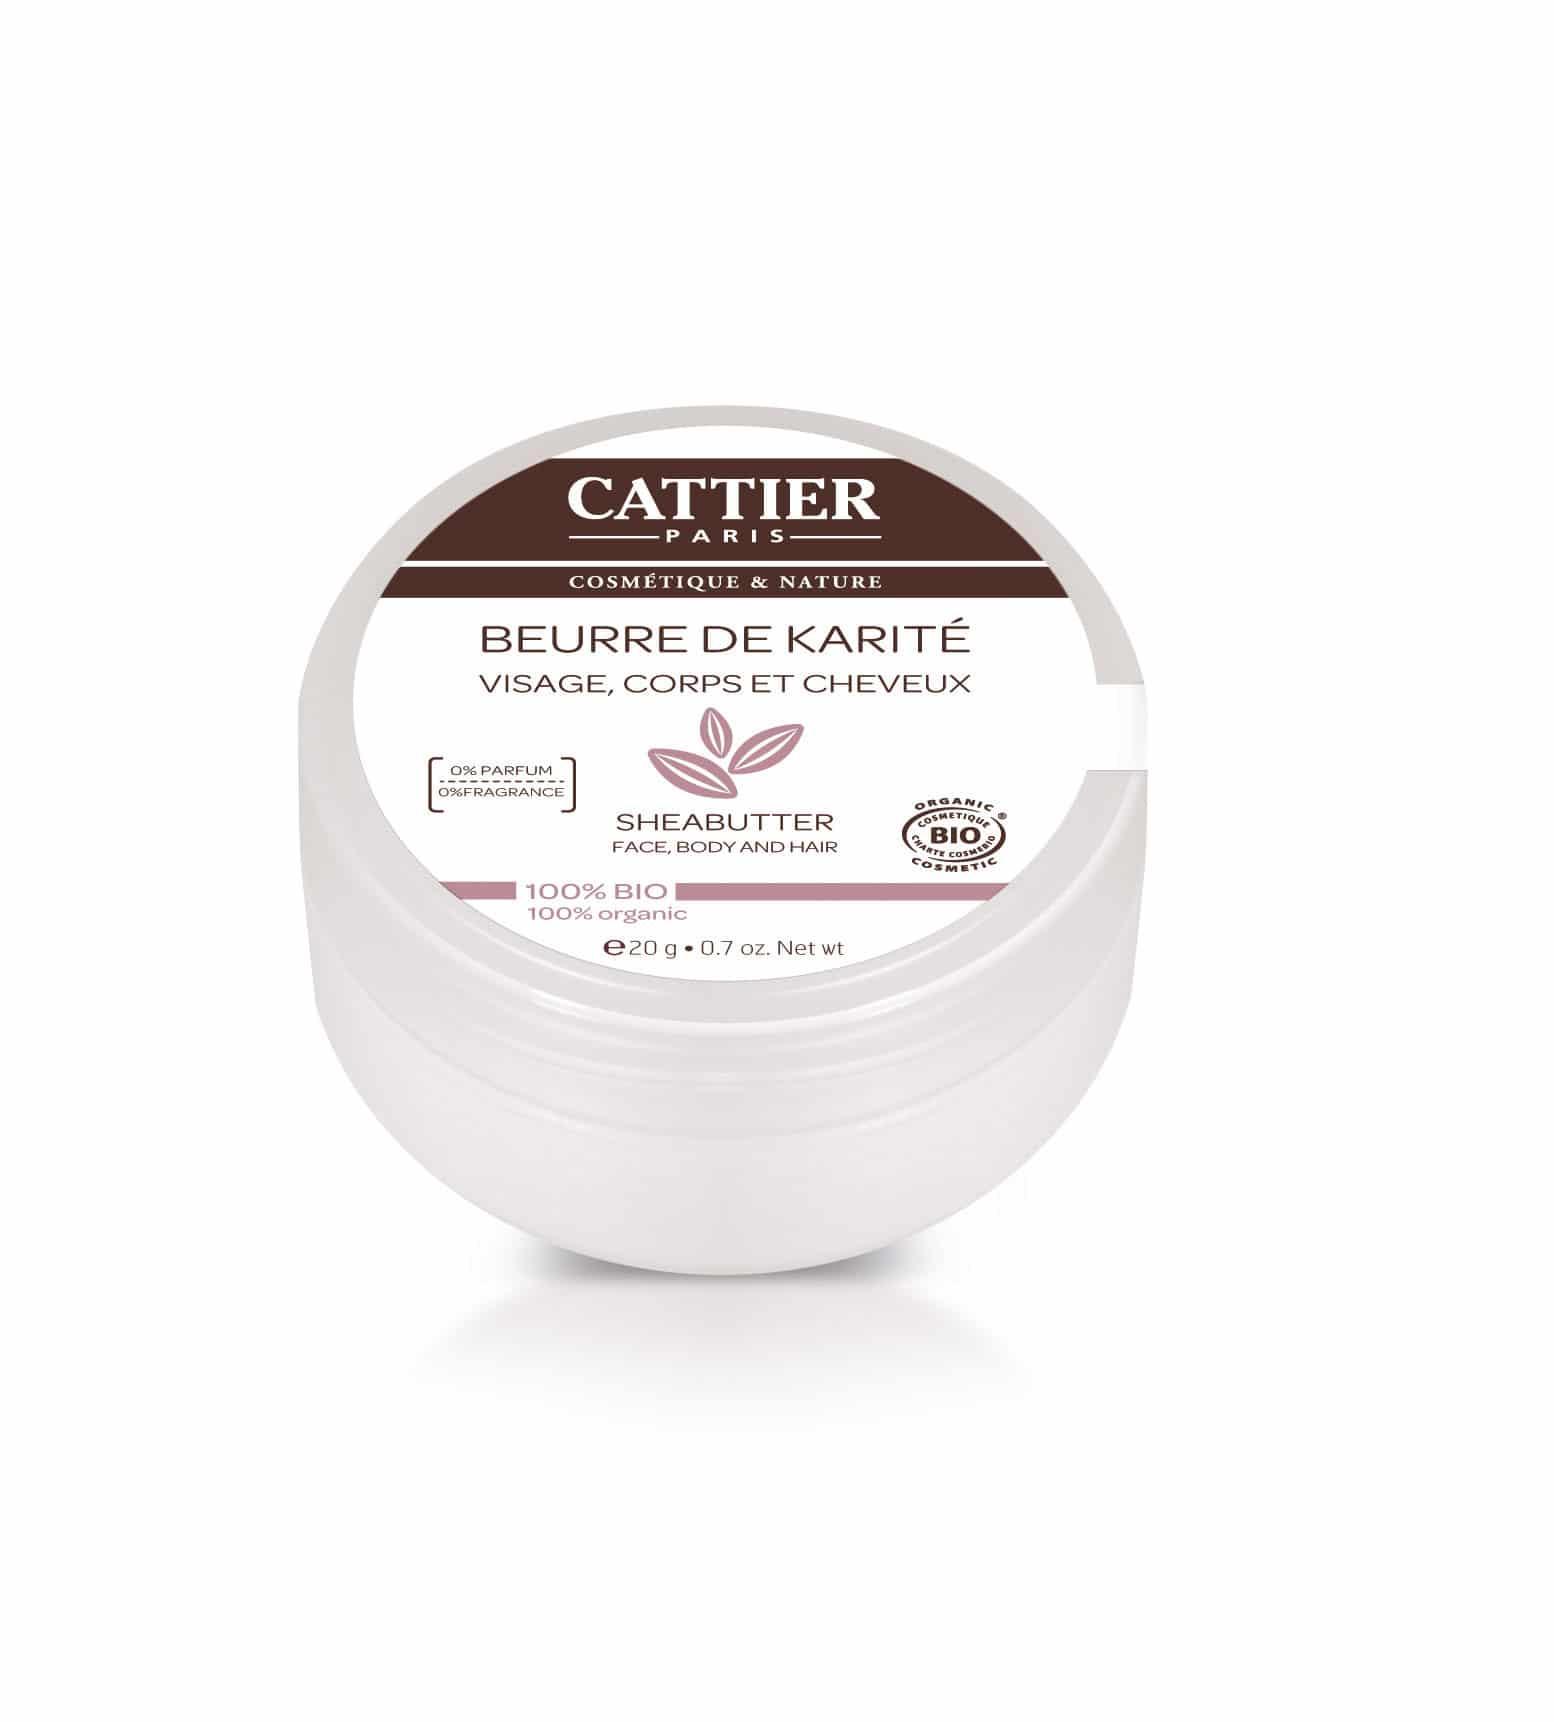 Cattier Photo NPKP Beurre de Karité 100 Bio Blooom trousses de toilette de voyage et soins d'hygiène